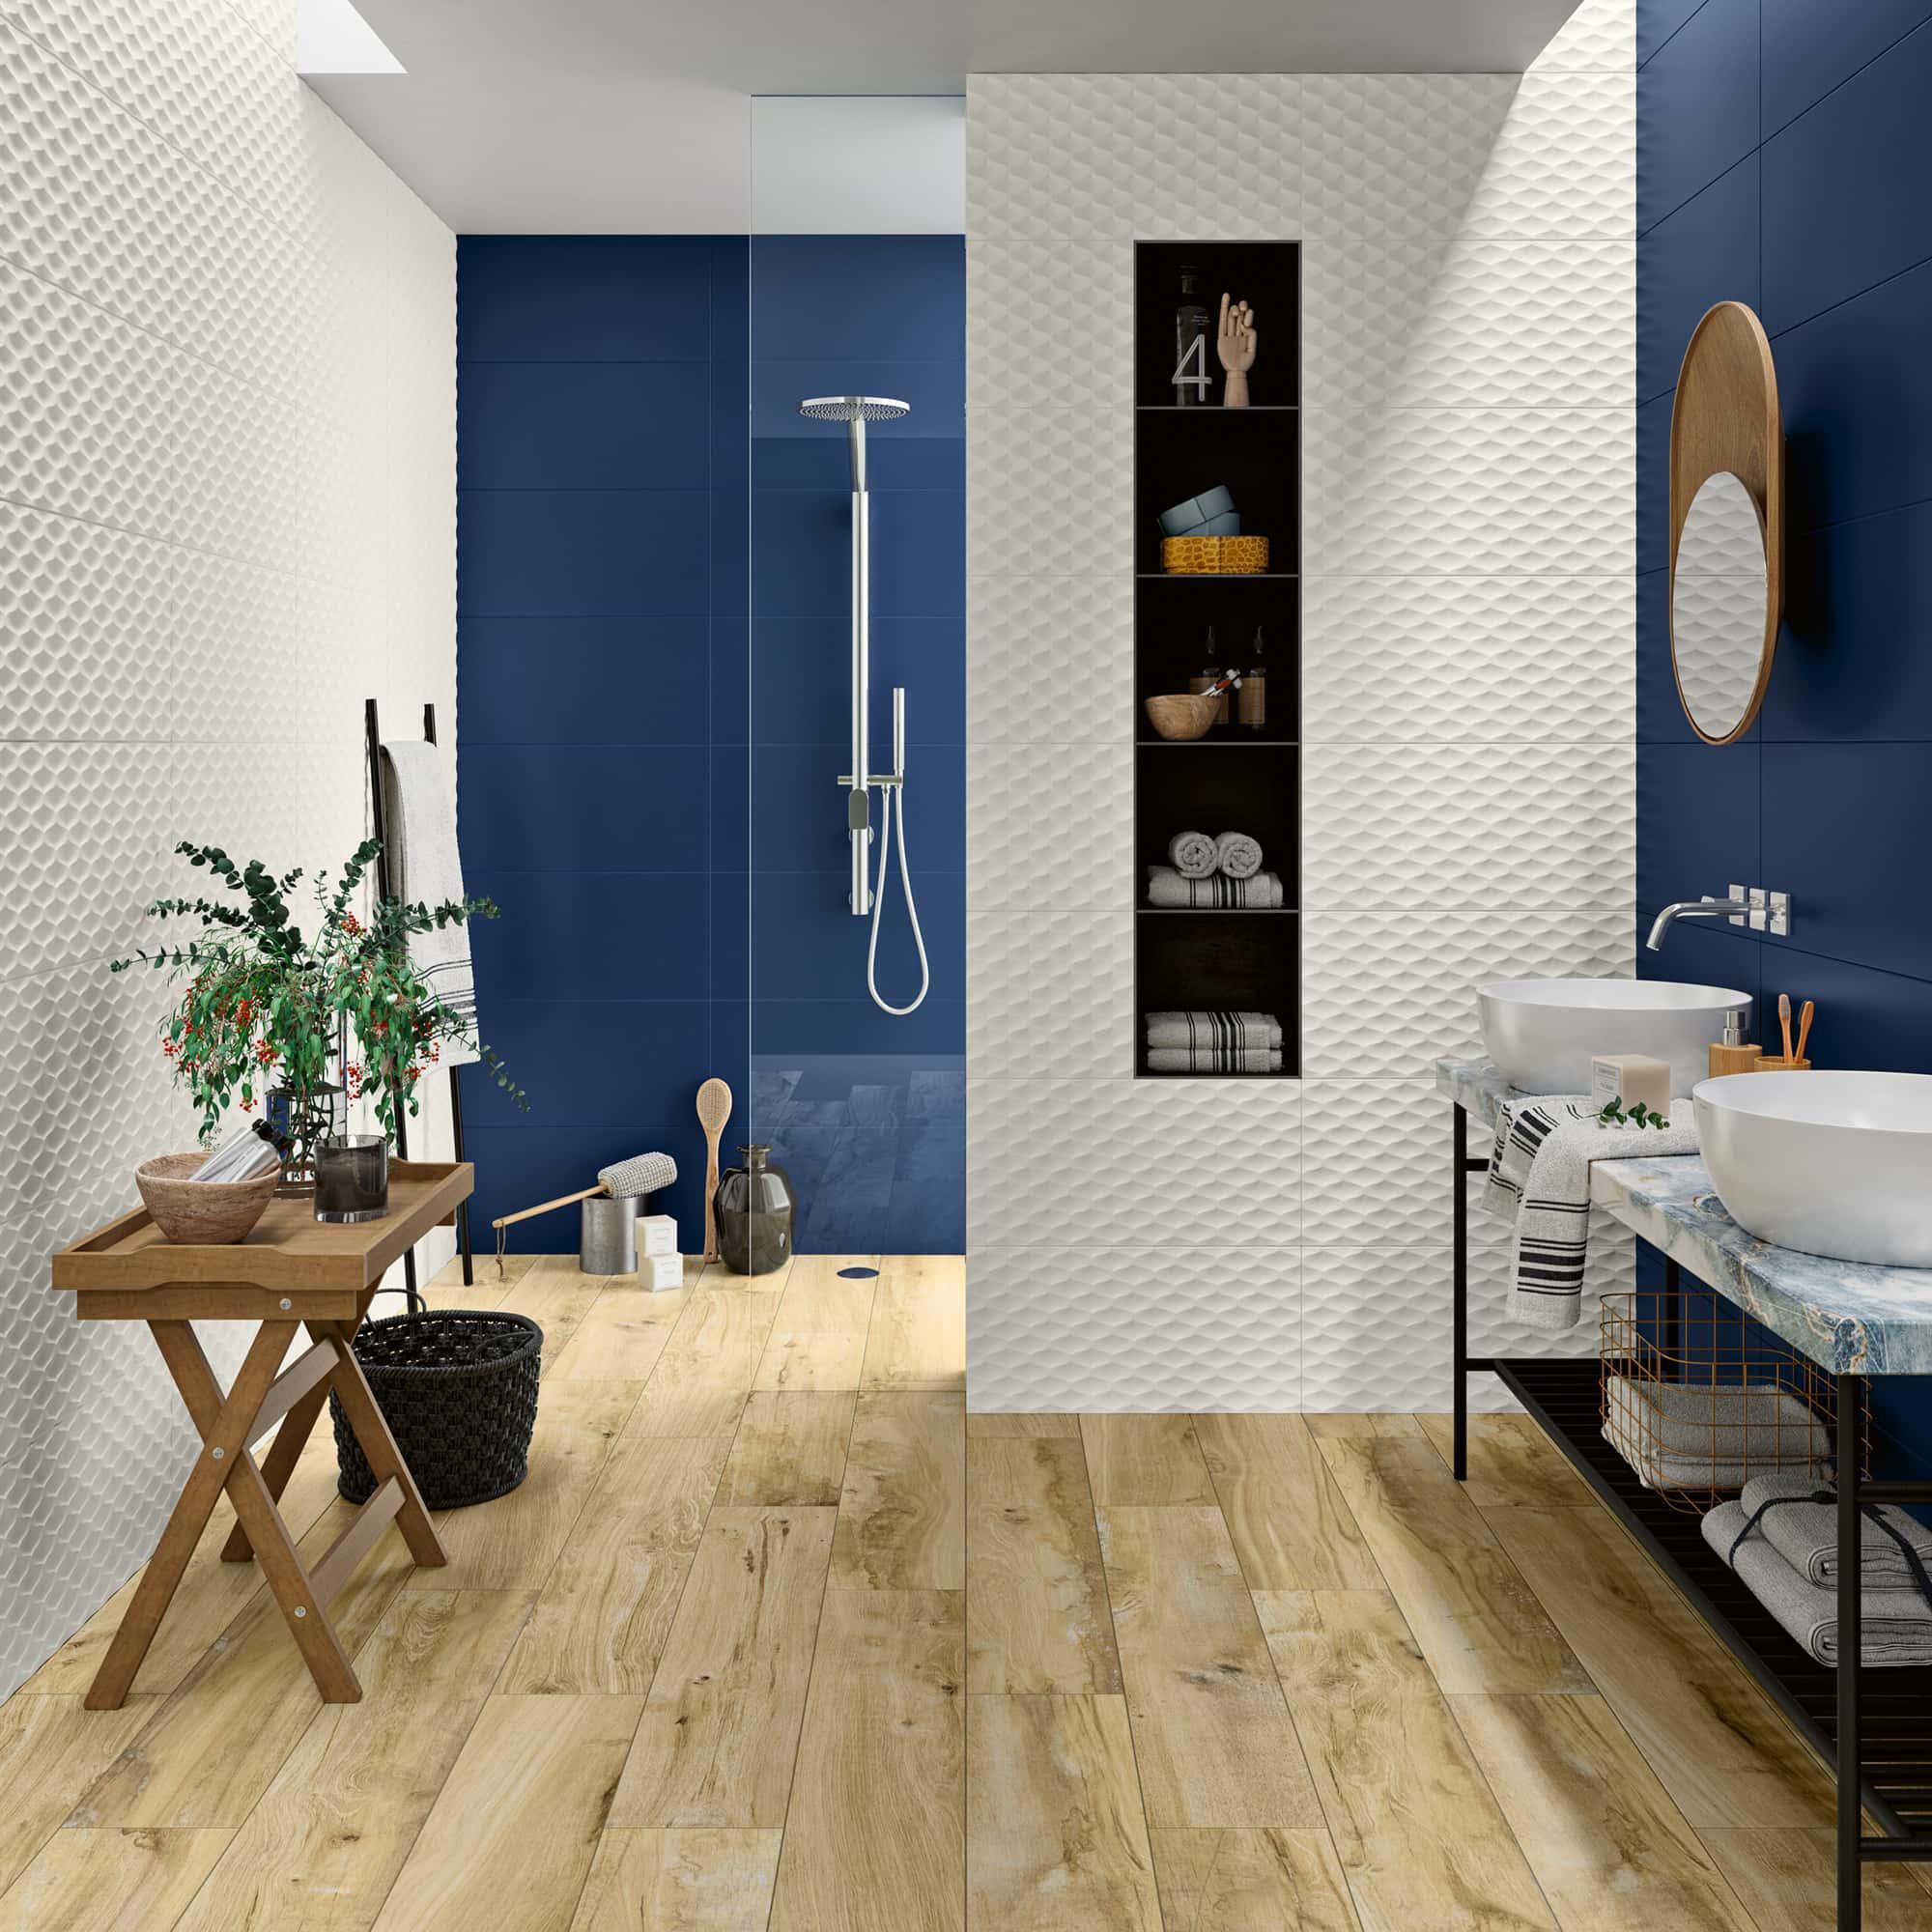 Genesis Skin White Matt - 30 x 60 RET. | Genesis Deep Blue Matt - 30 x 60 RET. | Wooden Beige - 20 x 100